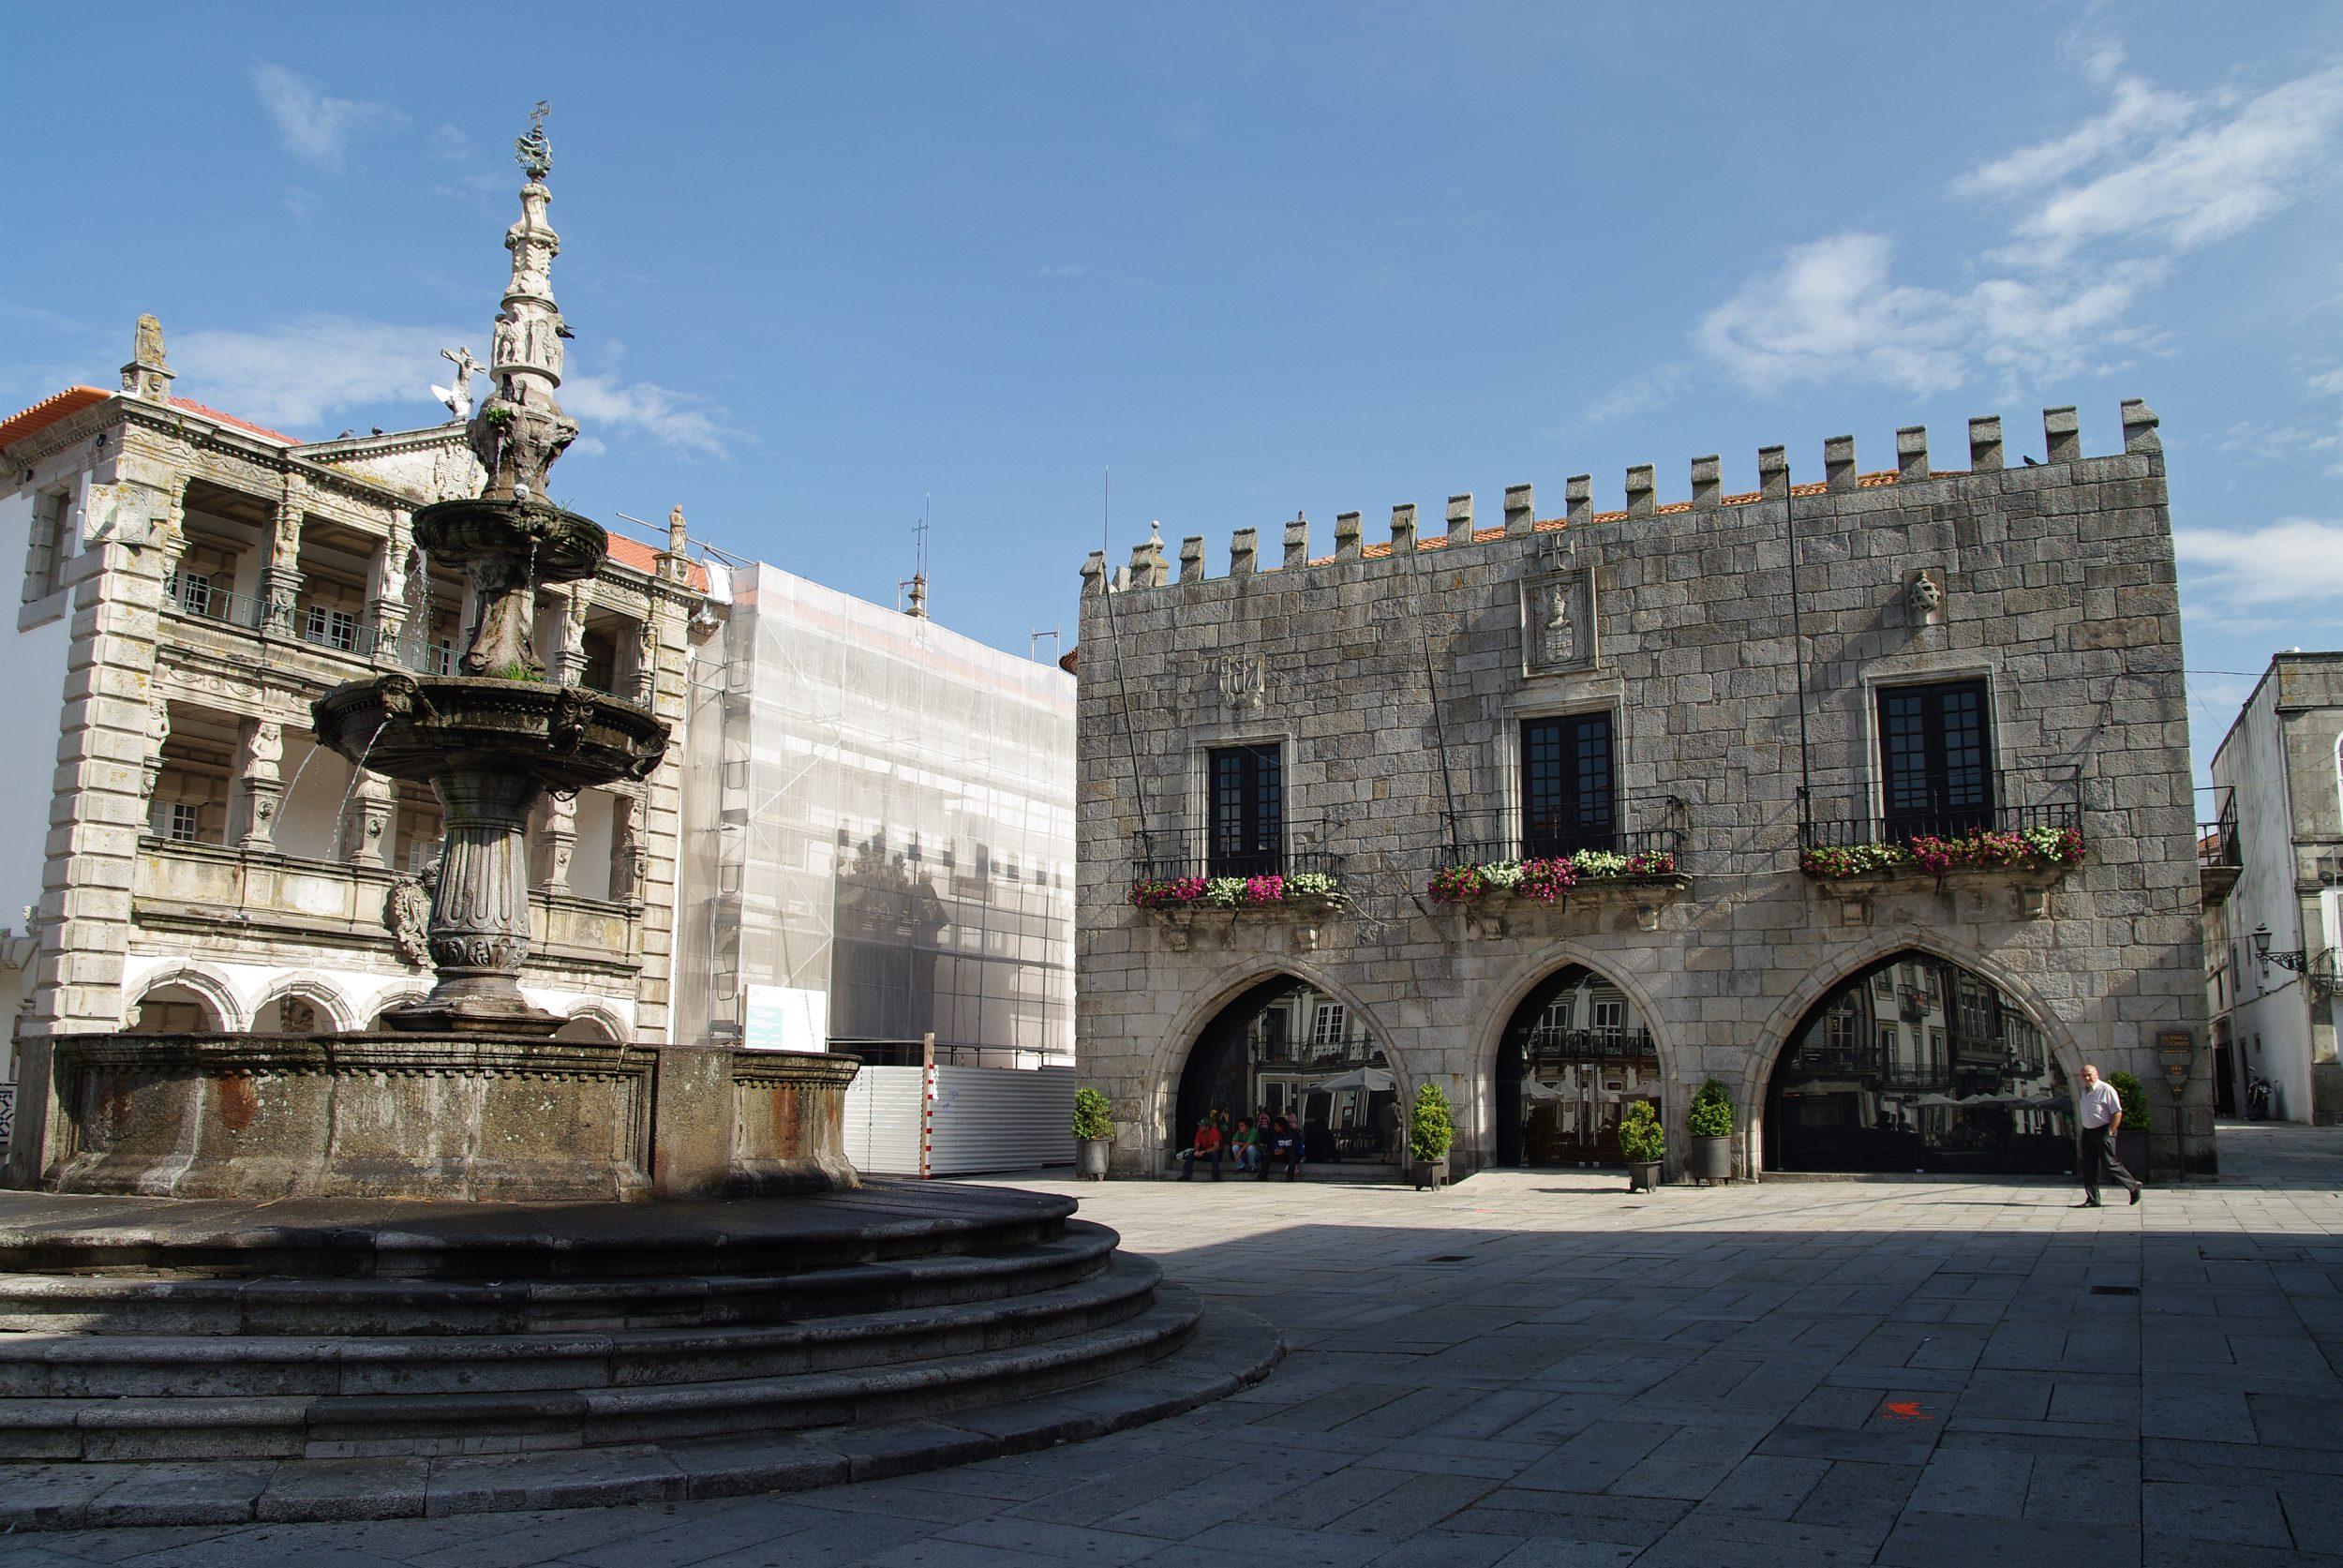 Fotos de viana do castelo portugal 74